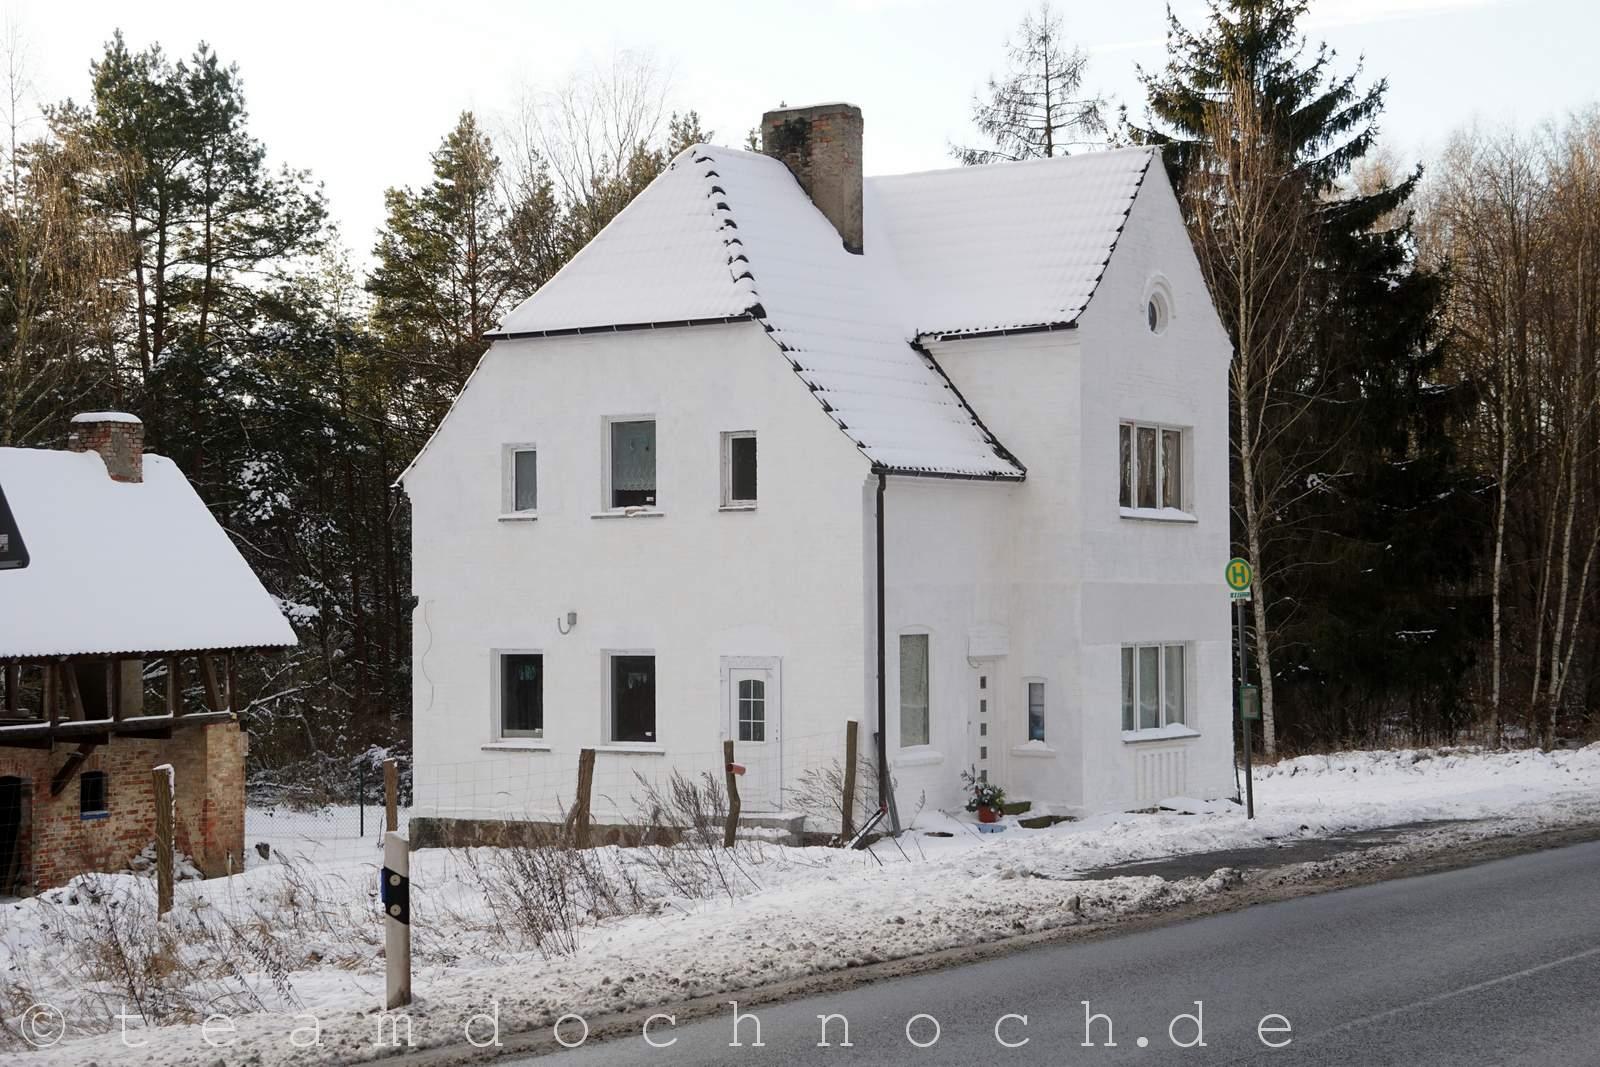 Chaussee-Geisterhaus an der B198 am Tag